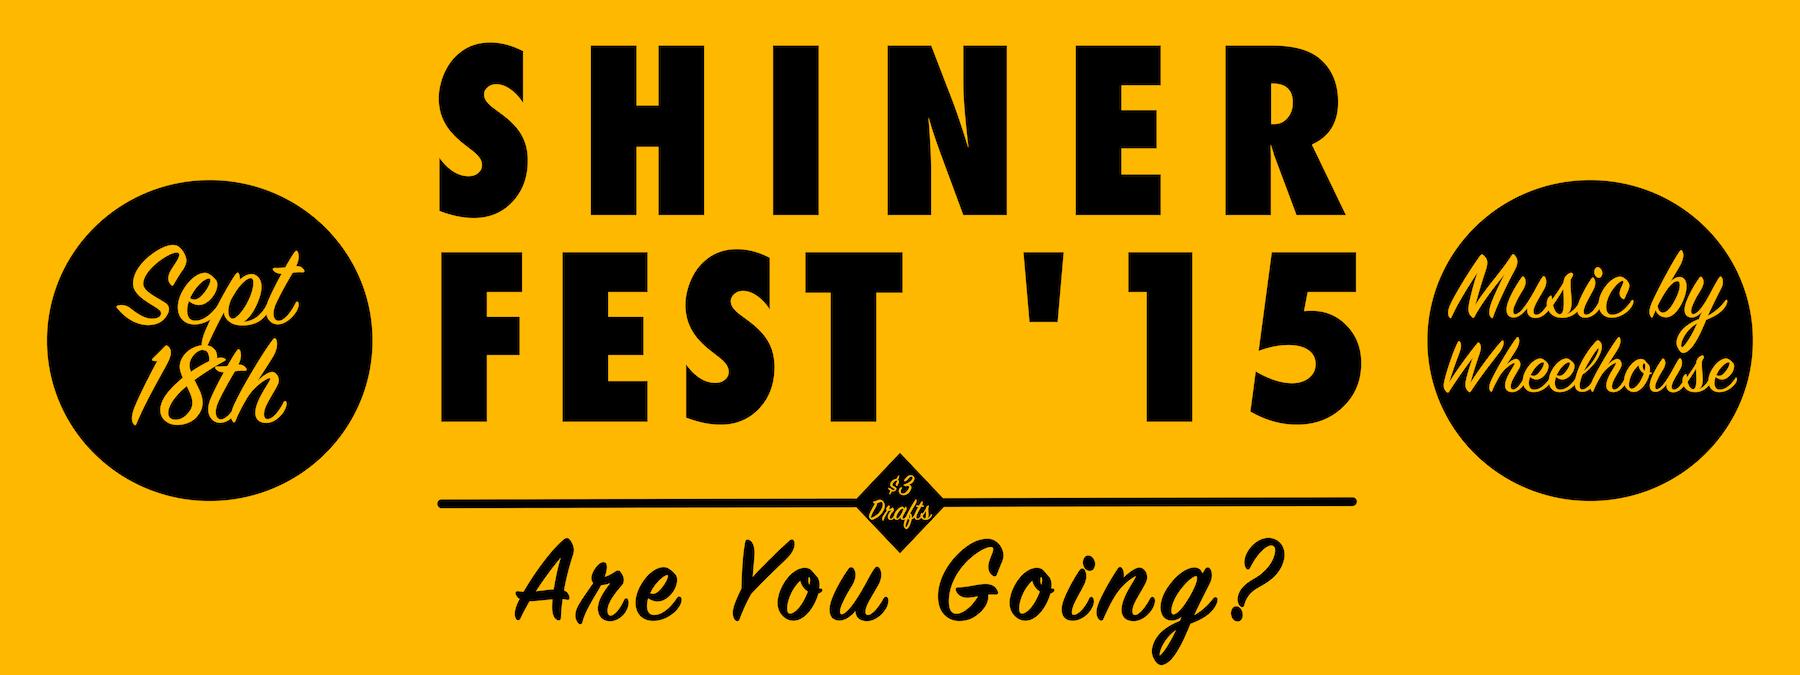 Shiner Fest